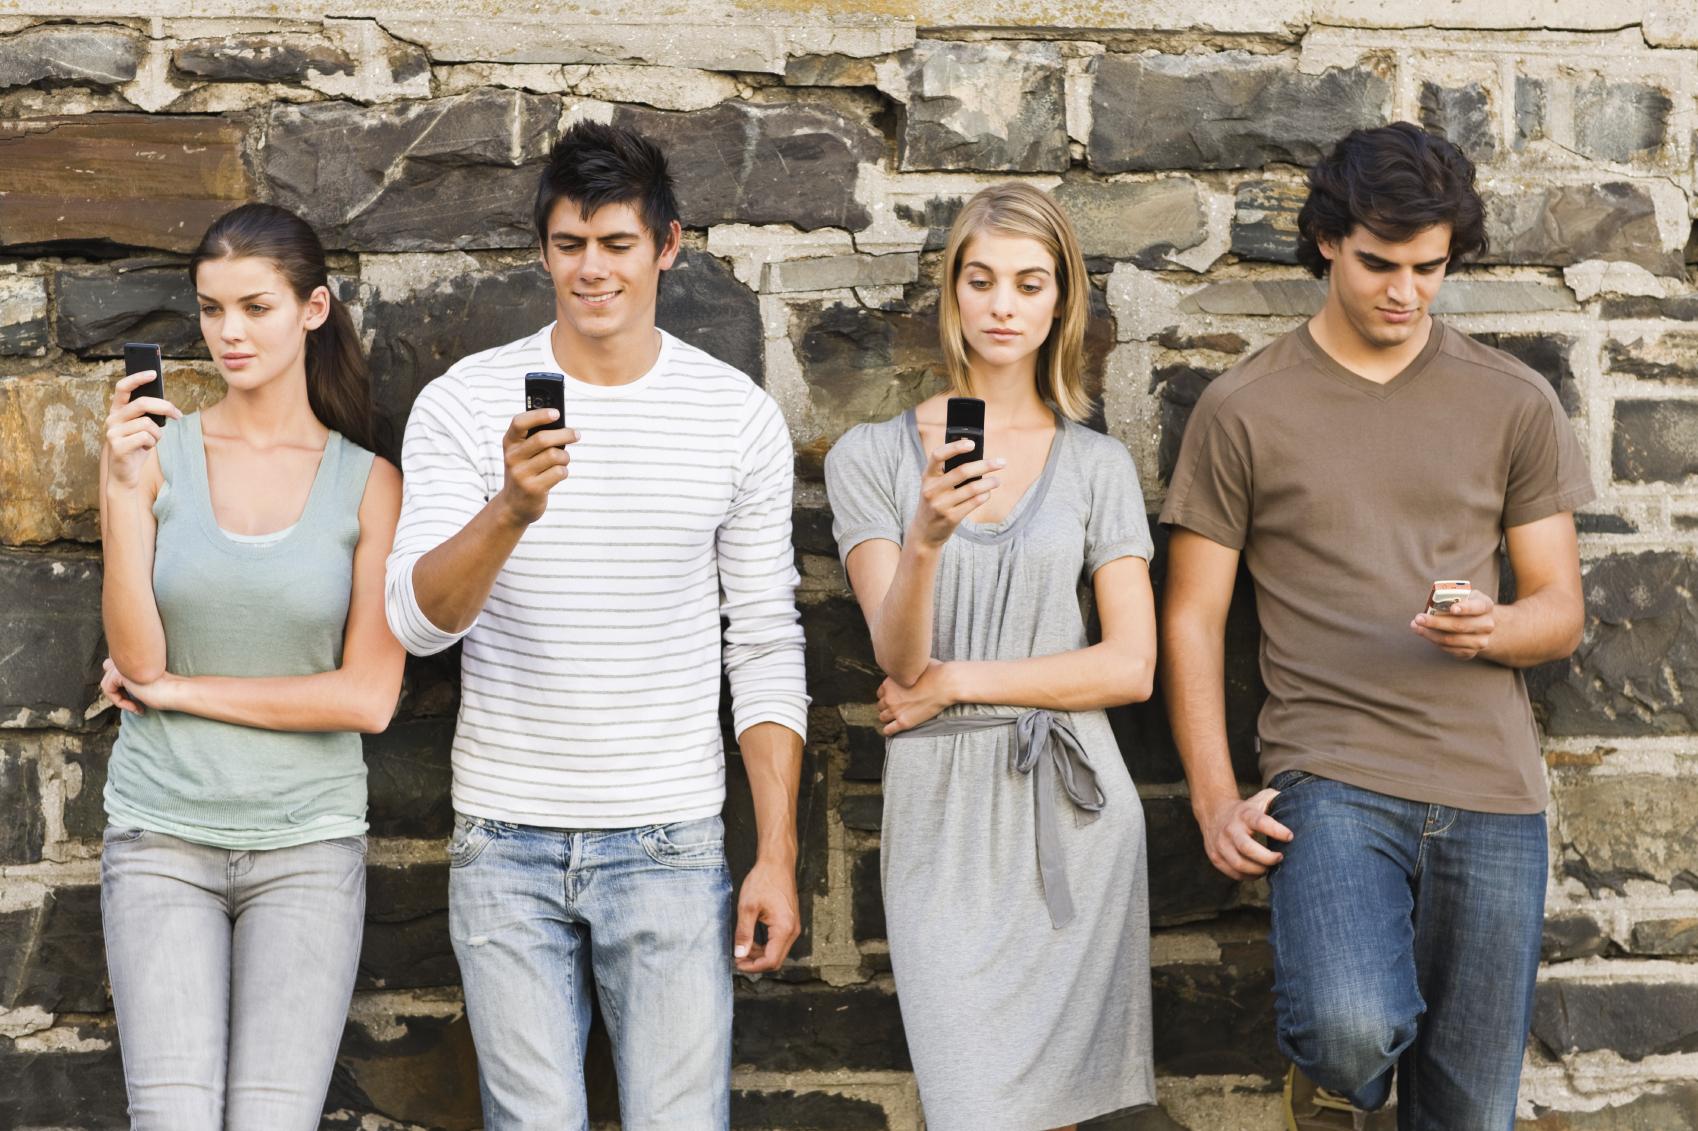 tech social etiquette